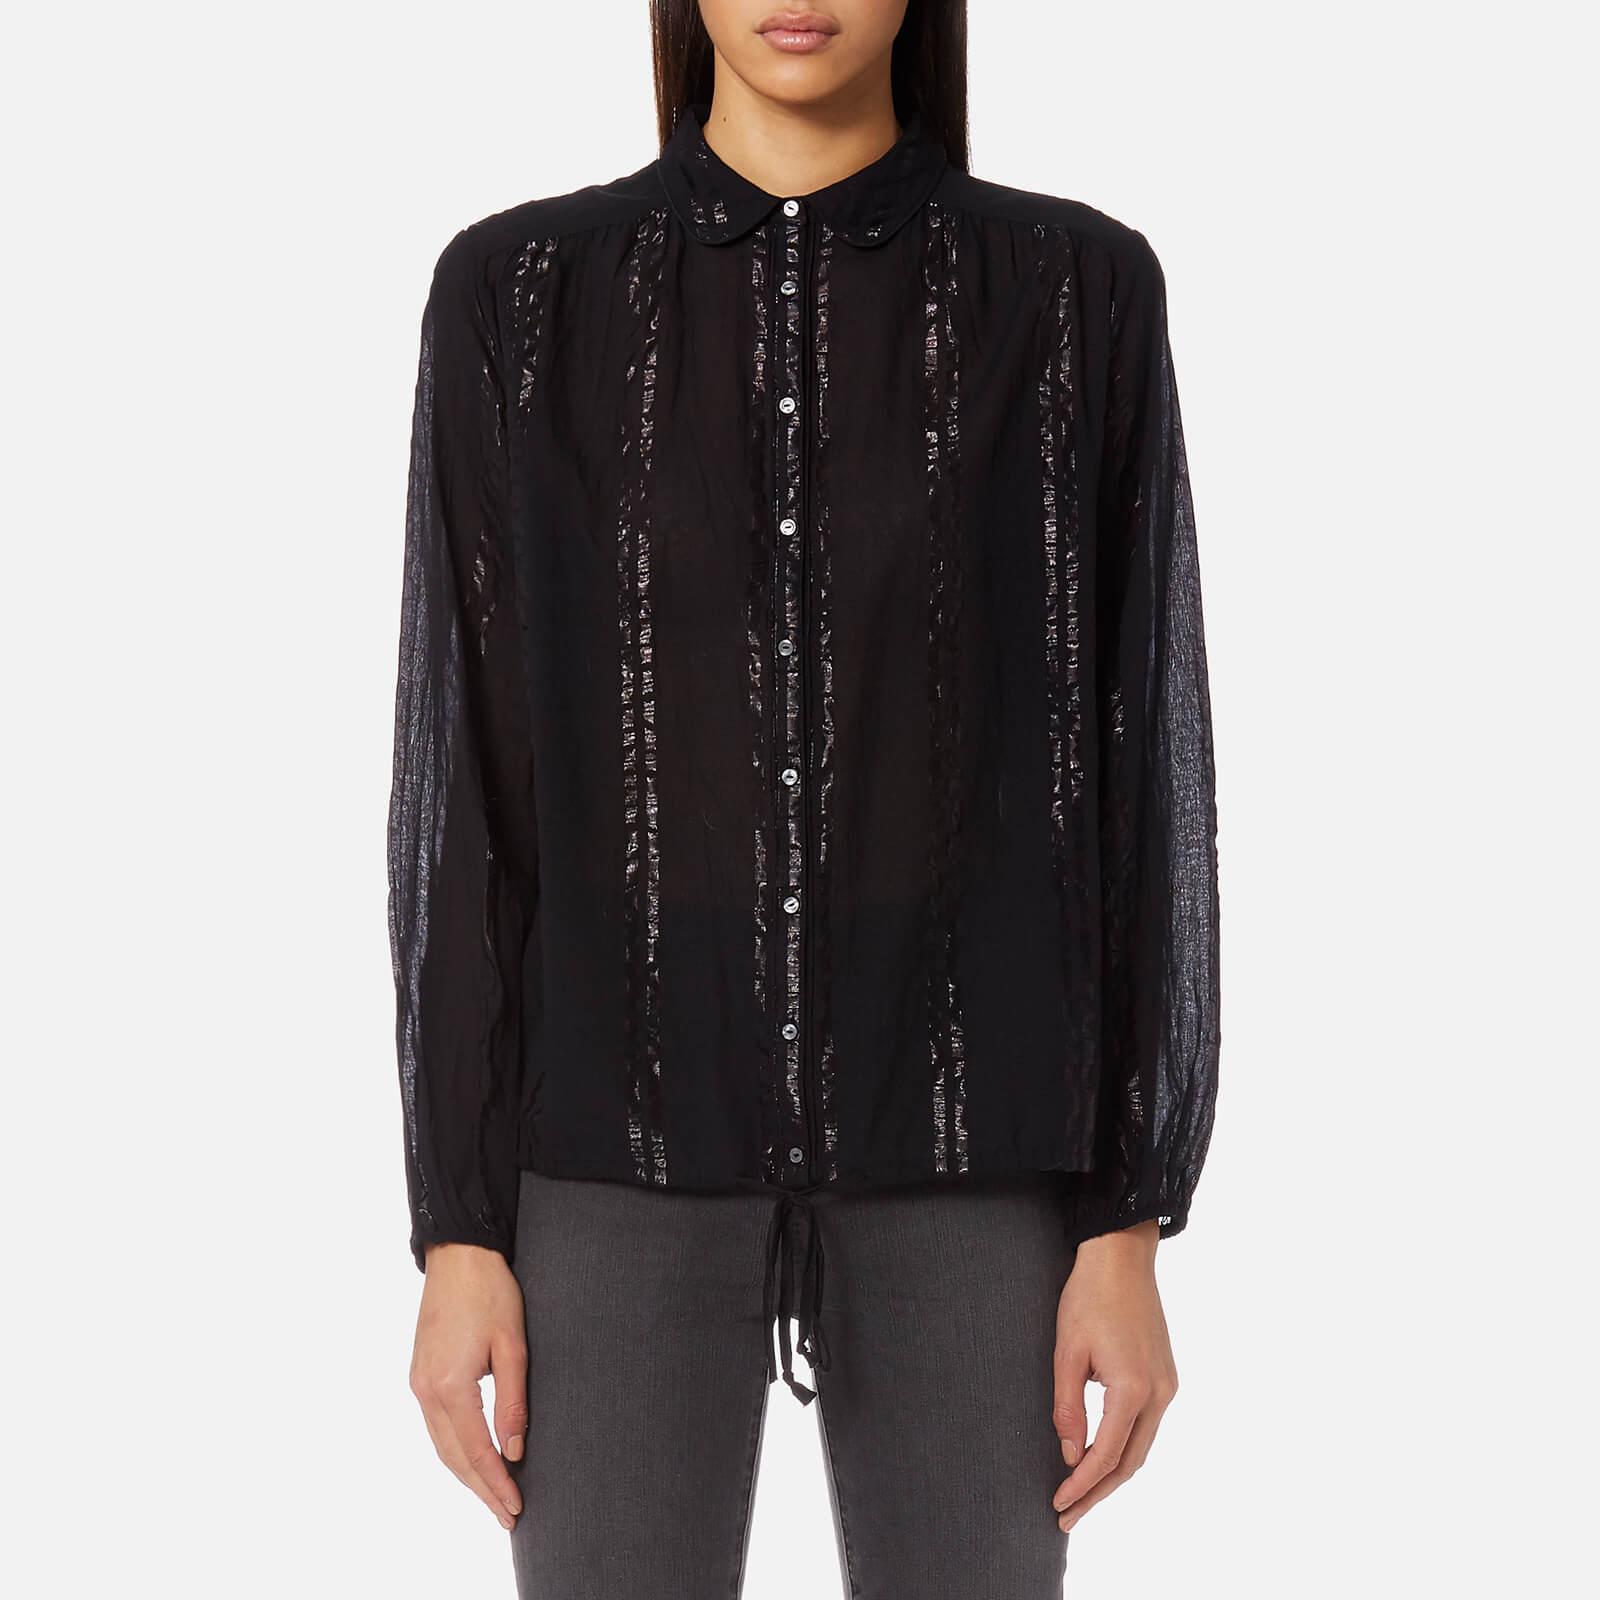 70a5b2cd389 Maison Scotch Women's Sheer Cotton Lurex Tunic Top - Black Womens Clothing  | TheHut.com